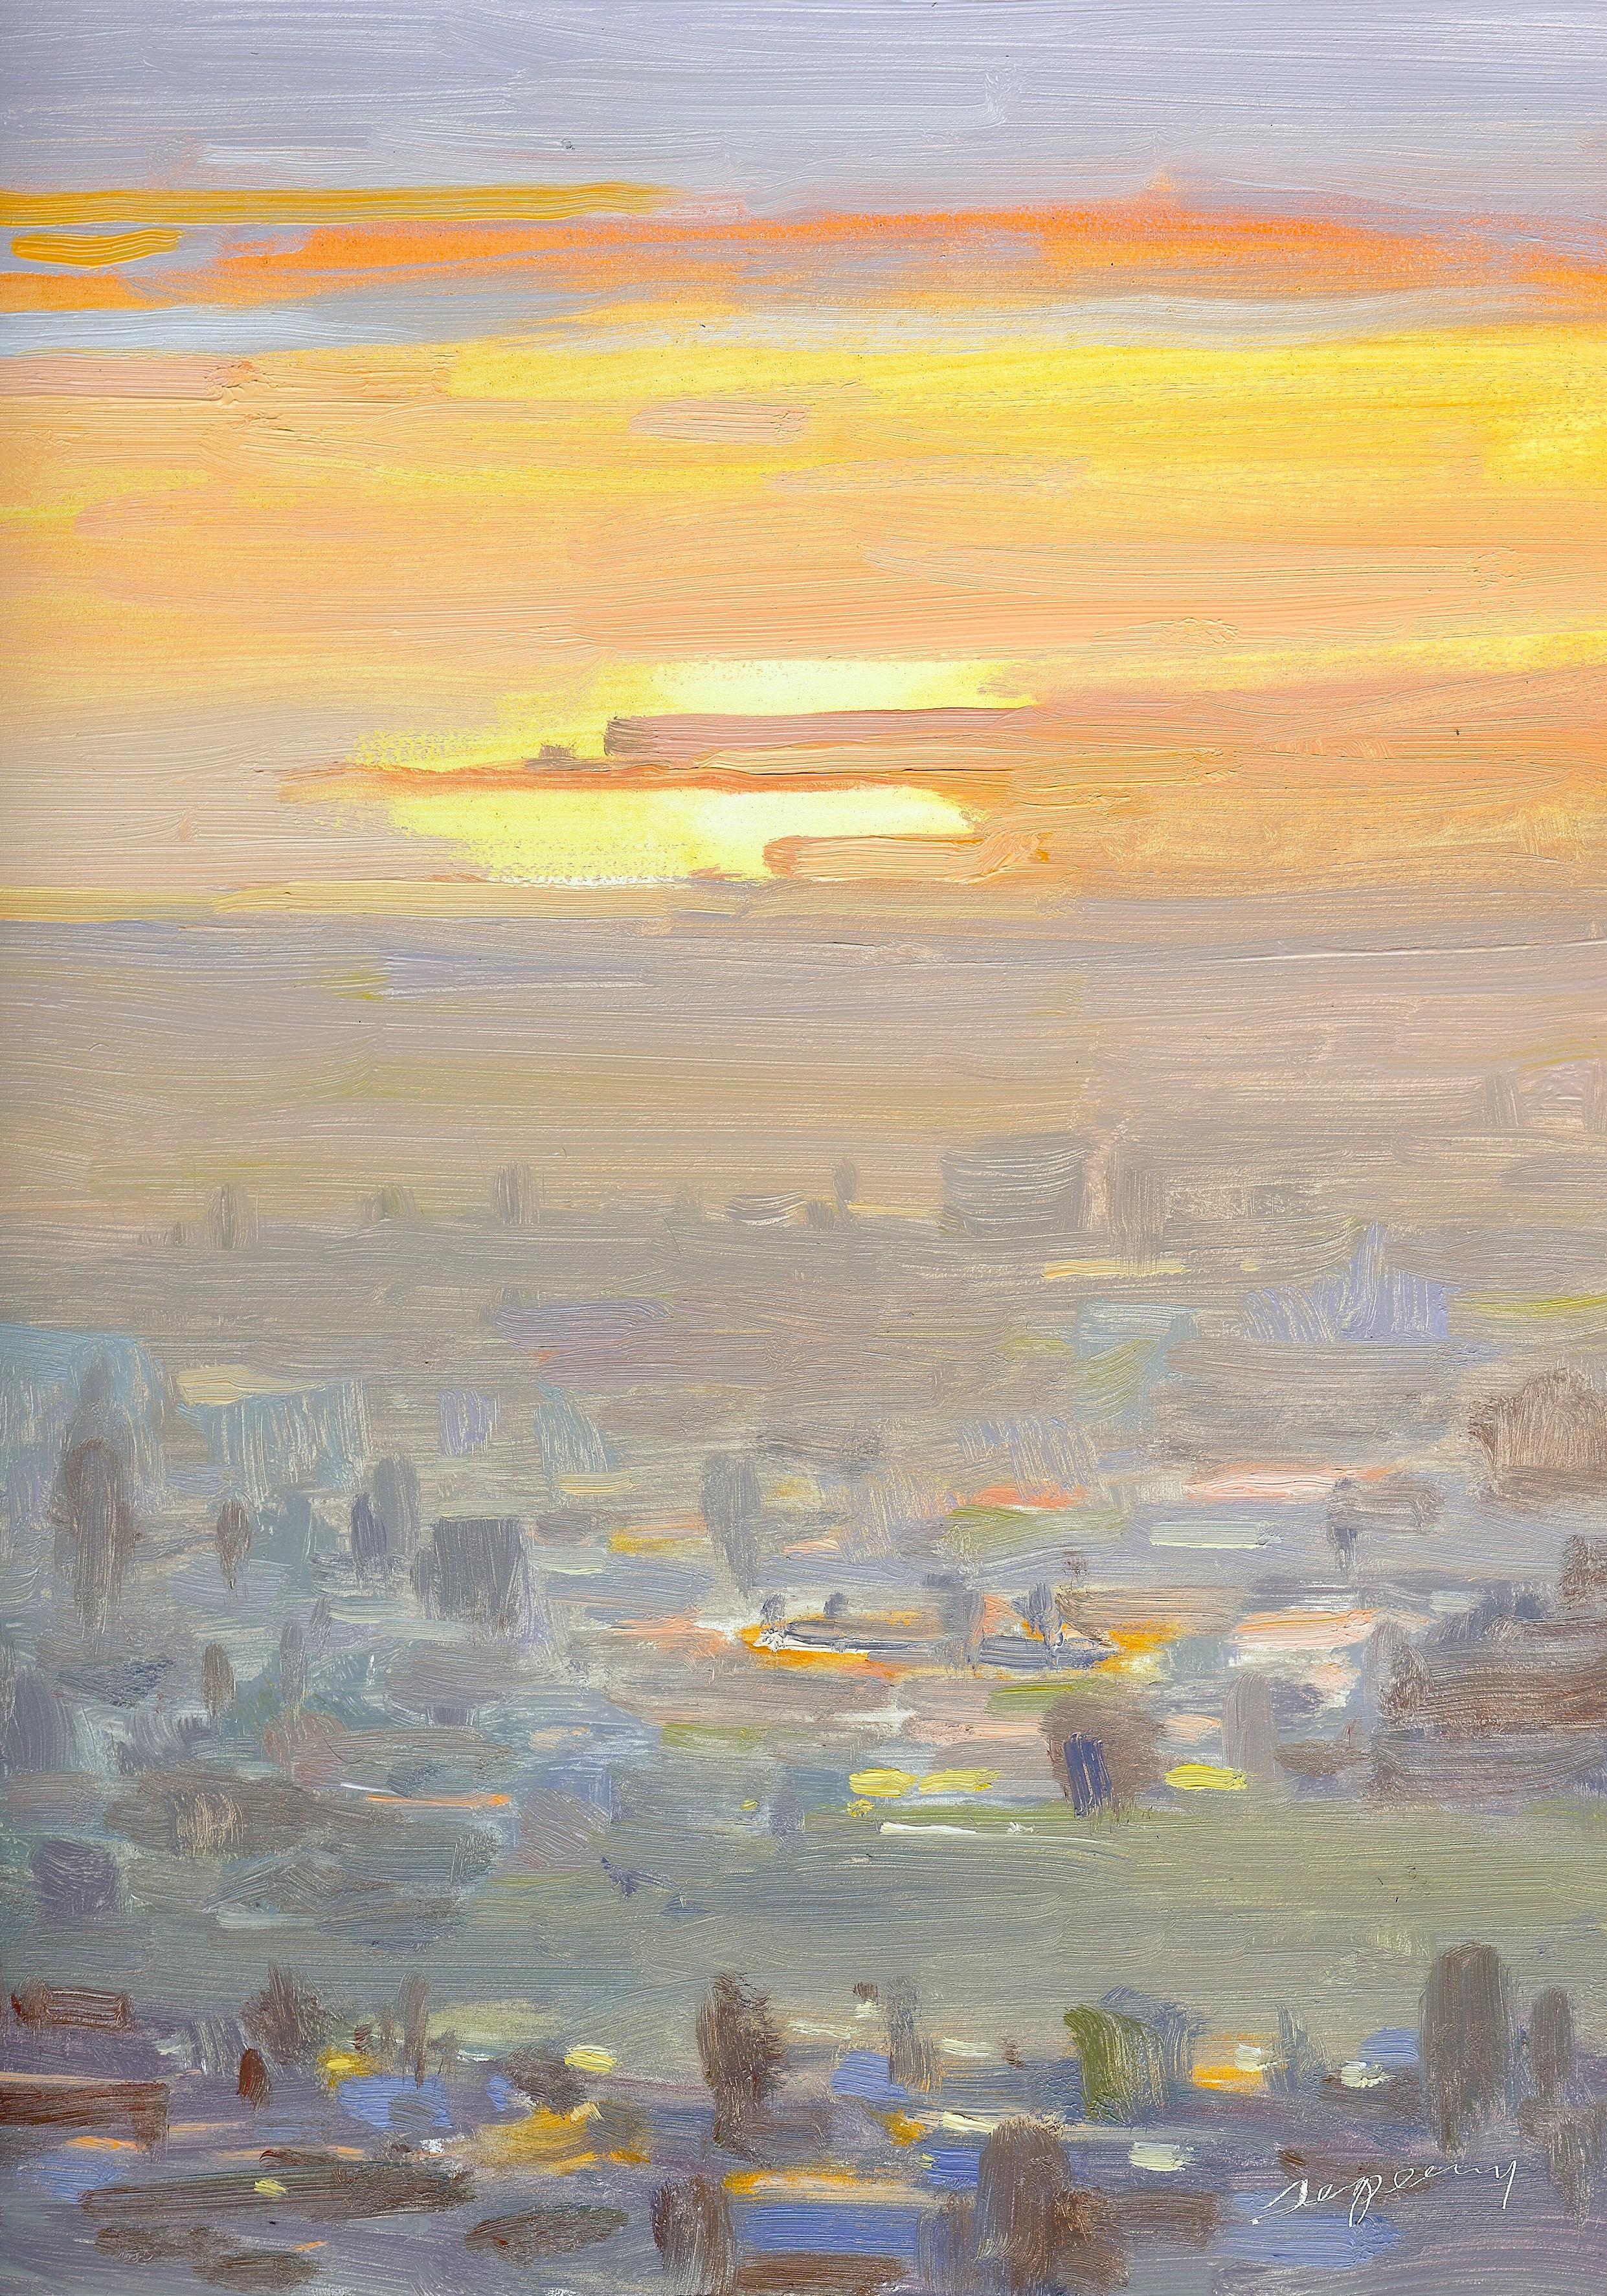 Mission District Sunrise